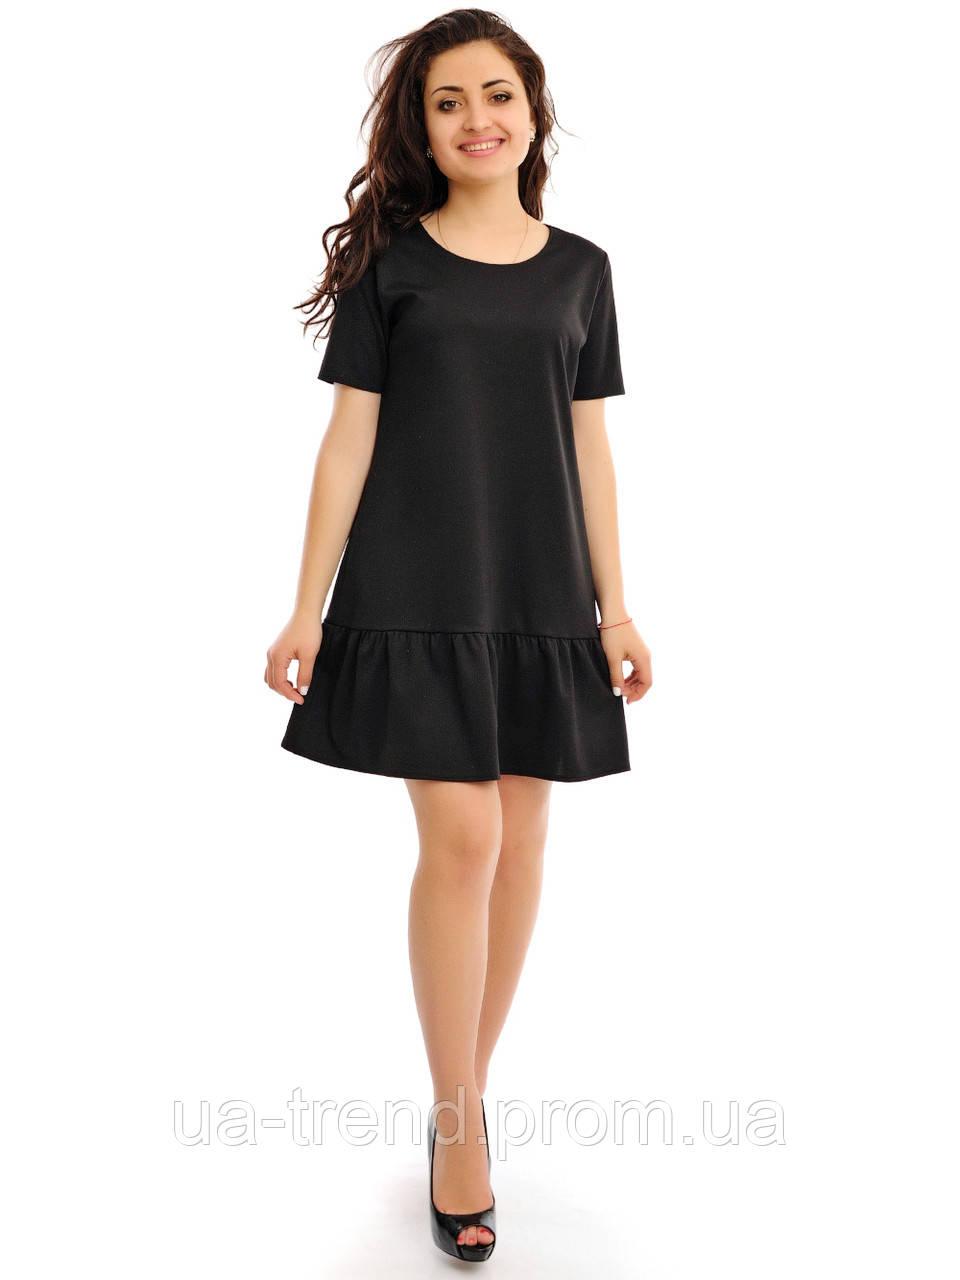 e1664d25ba3 Черное женское платье трапеция с воланом внизу - Интернет-магазин  украинского текстиля